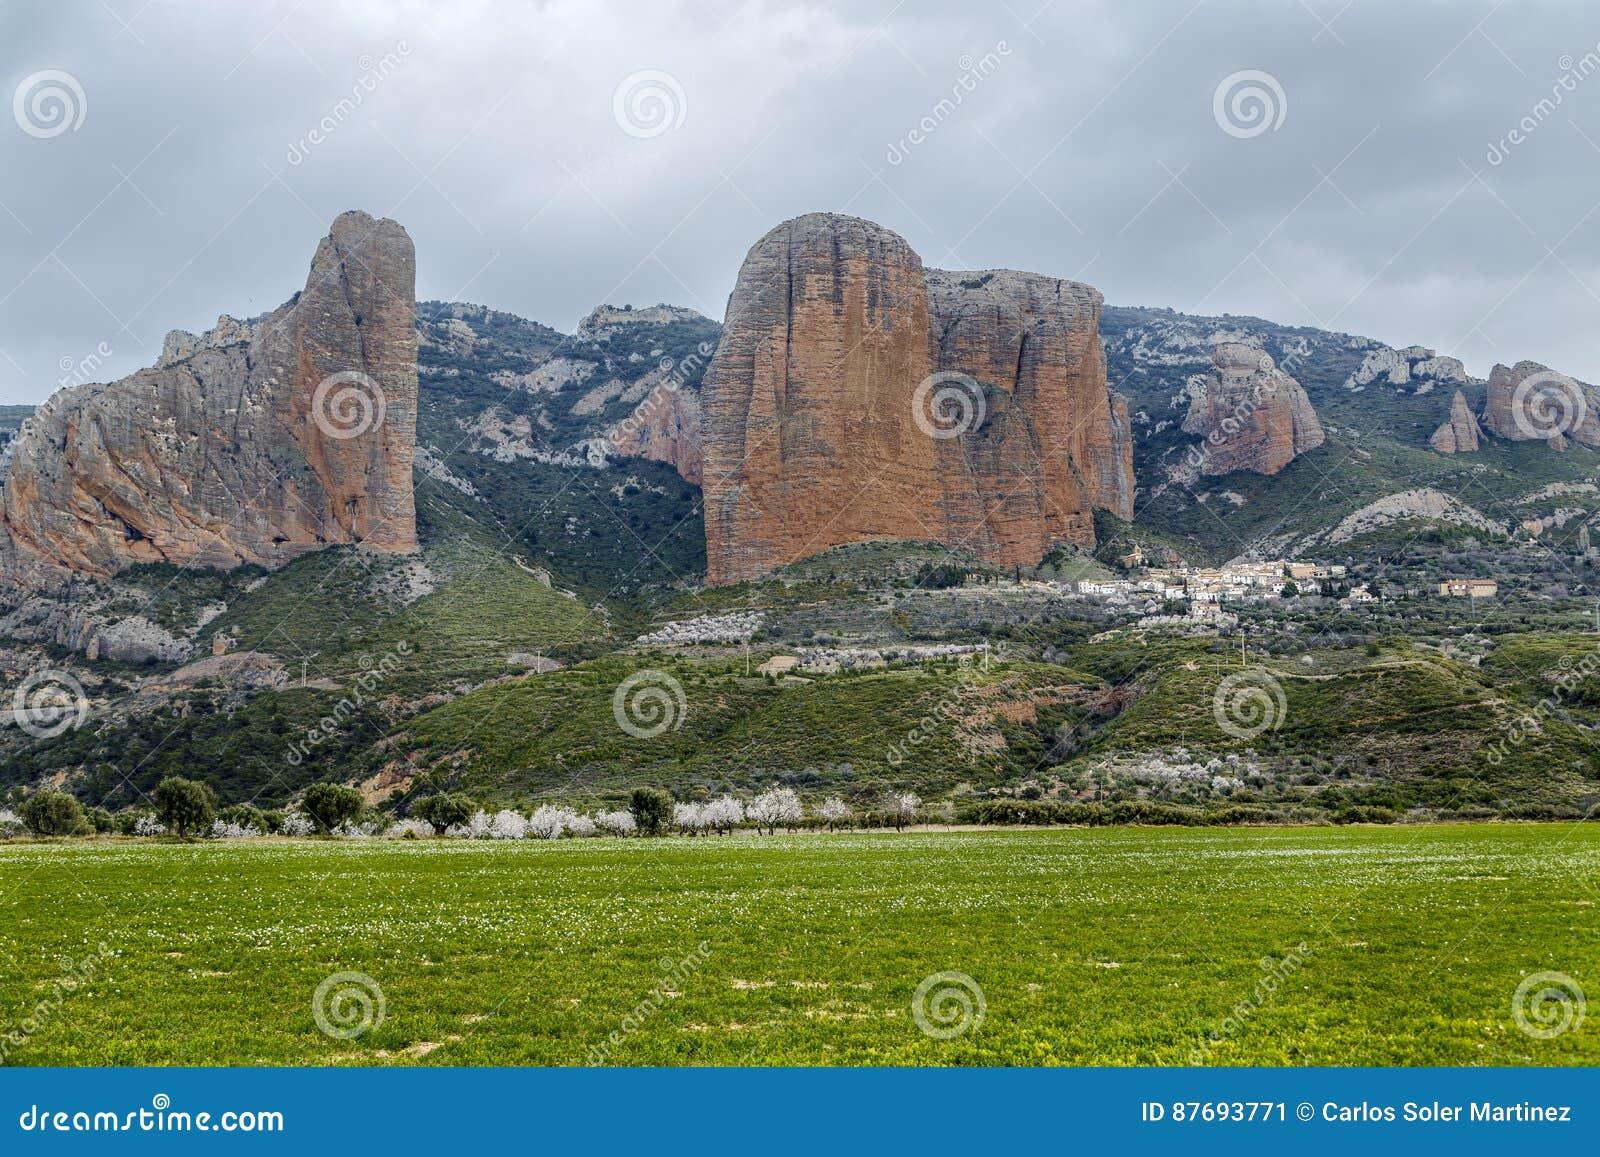 Mallos De Riglos are the picturesque rocks in Huesca Spain